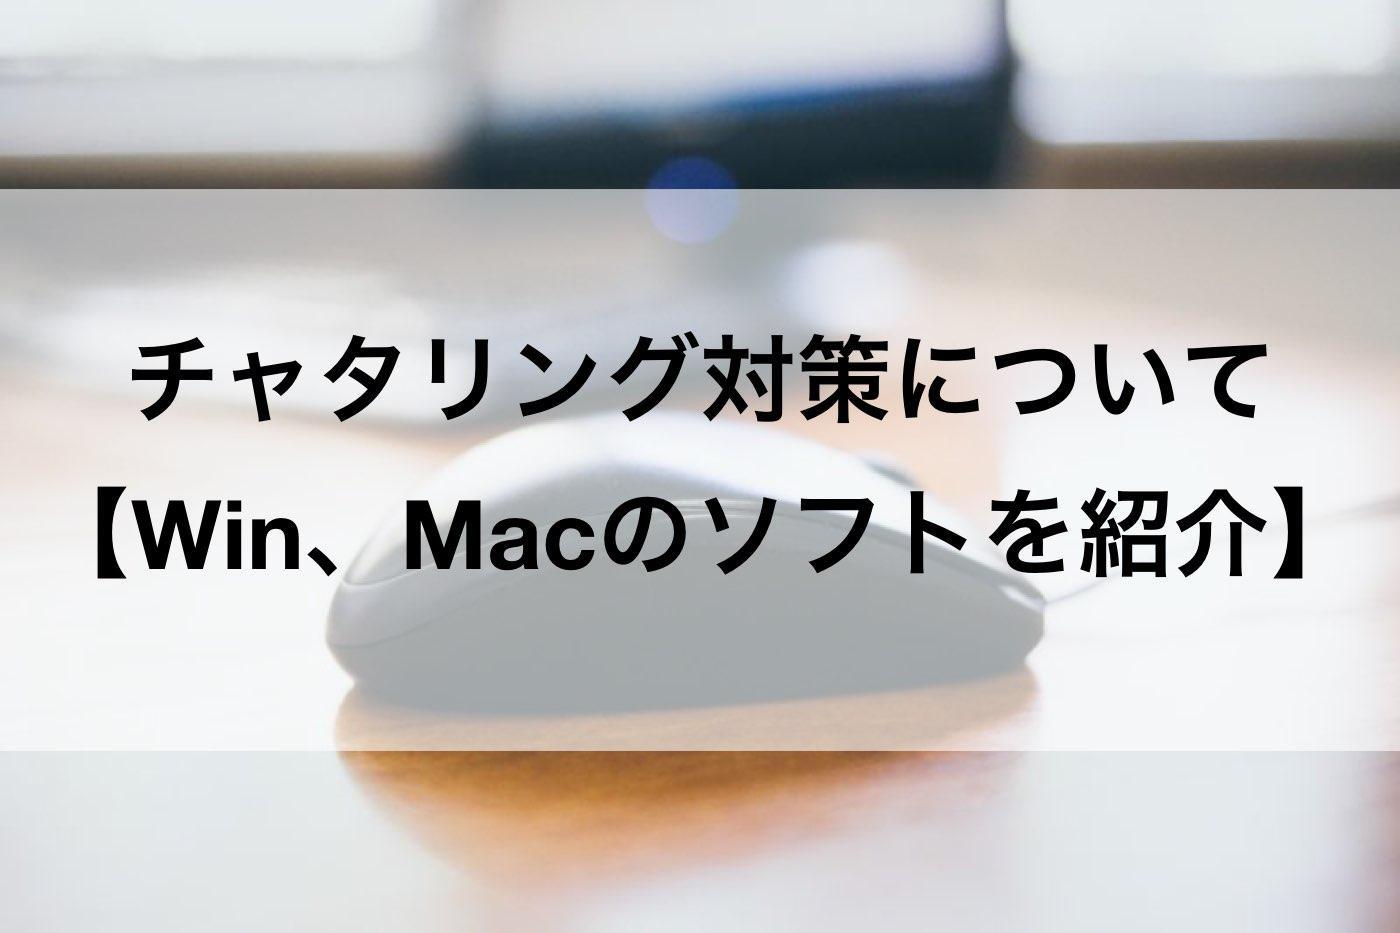 チャタリング対策について【Win、Macのソフトを紹介】